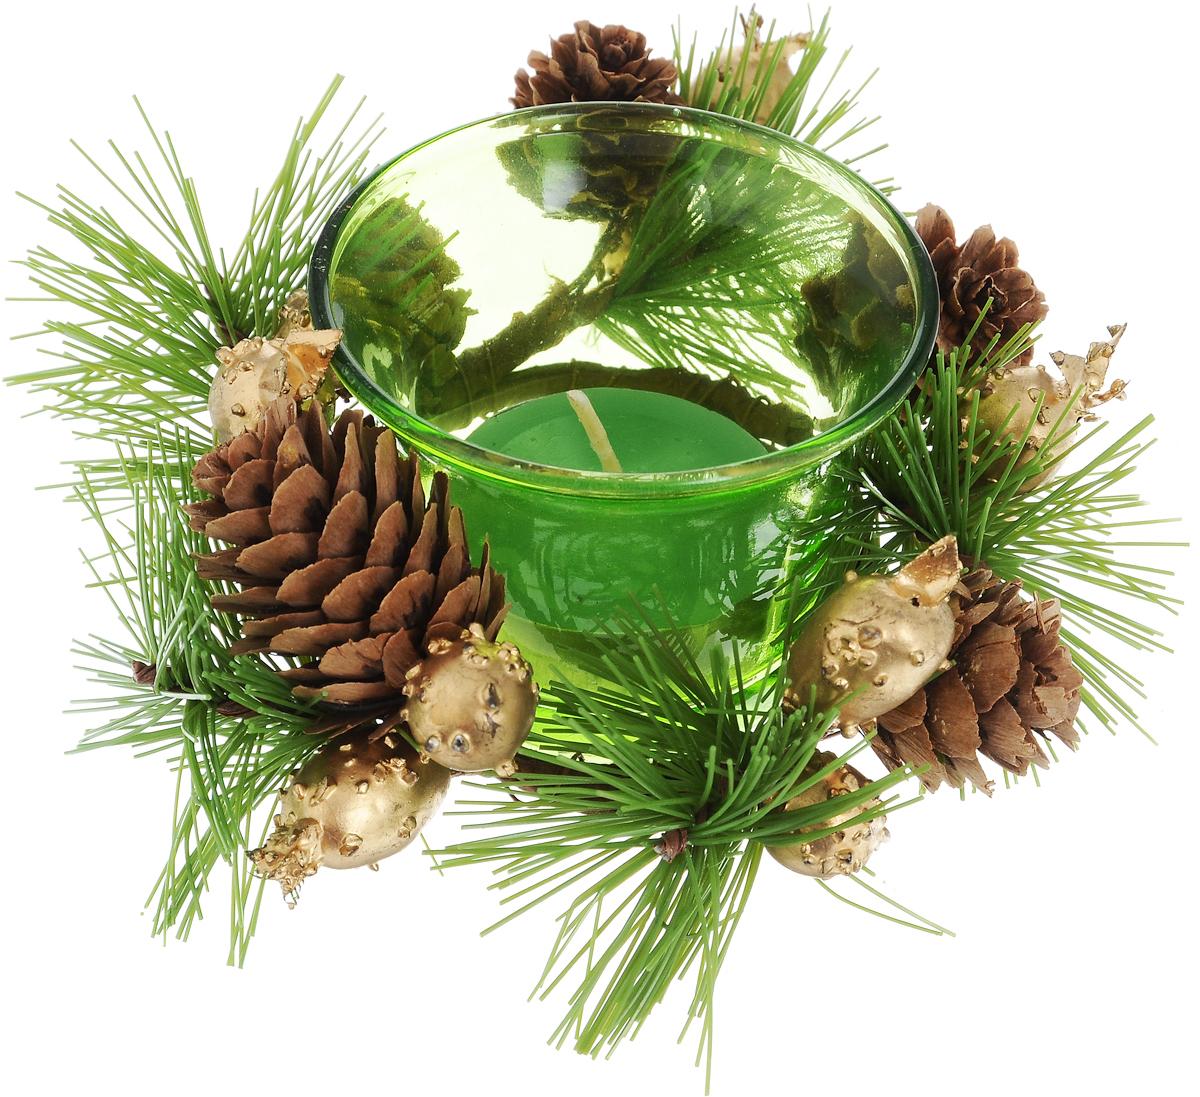 Подсвечник Lovemark, со свечой, цвет: зеленый, коричневый, золотистый. 5A114494703Подсвечник Lovemark представляет собой стеклянную емкость для чайной свечи, оформленную изысканным декоративным элементом в виде хвойной веточки с шишками. Чайная свеча зеленого цвета входит в комплект.Такой подсвечник элегантно оформит интерьер вашего дома. Мерцание свечи создаст атмосферу романтики и уюта.Диаметр емкости (по верхнему краю): 6,5 см.Высота емкости: 4,5 см.Диаметр свечи: 3,5 см.